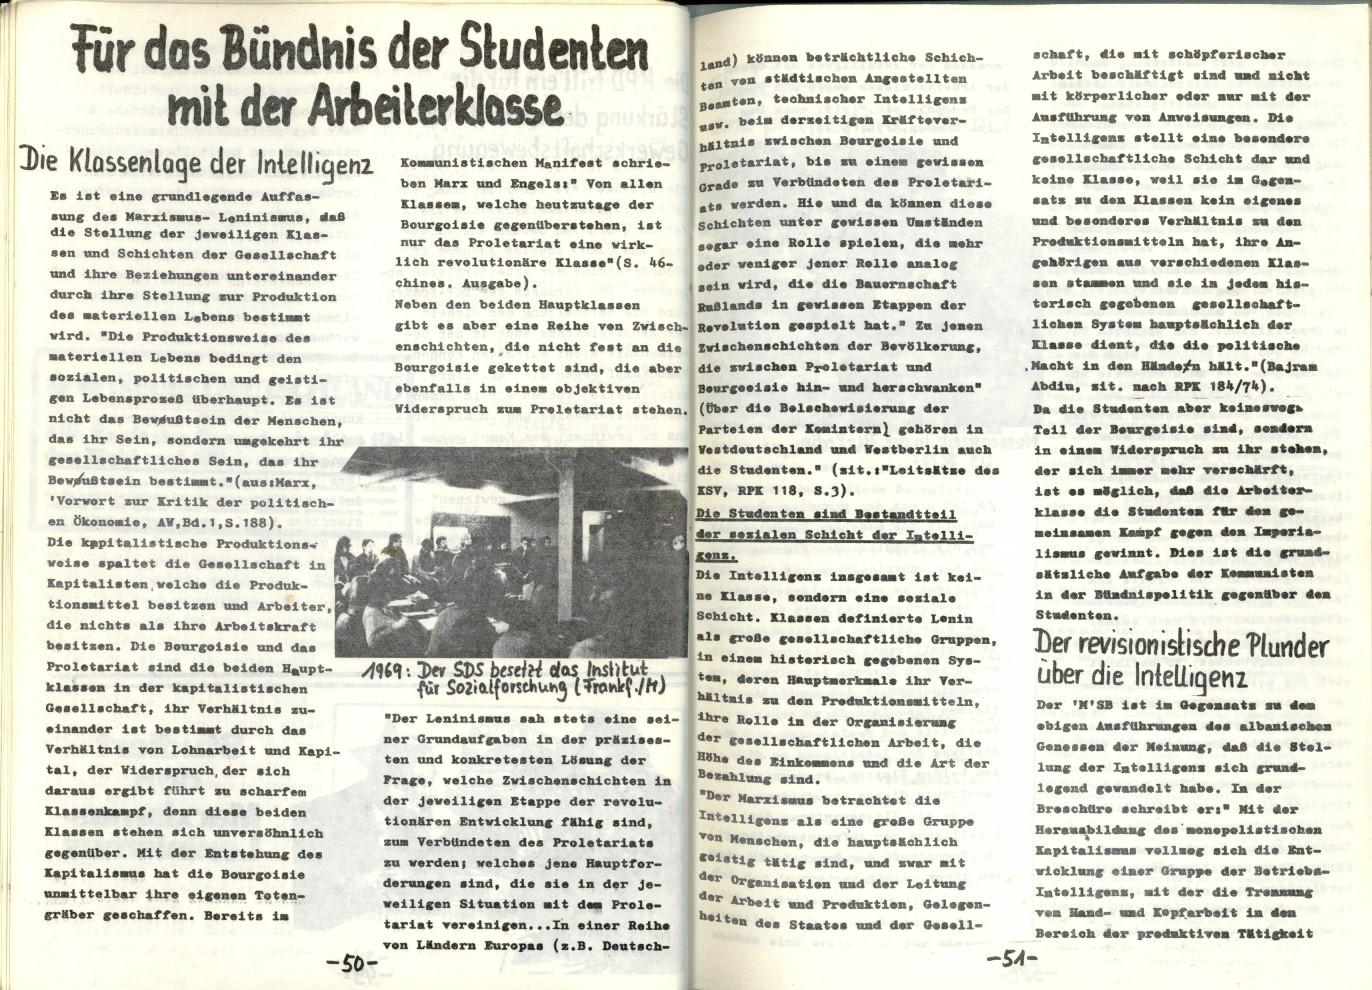 NRW_KSV_1977_Doku_zu_den_AStA_Wahlen_Nr_2_26